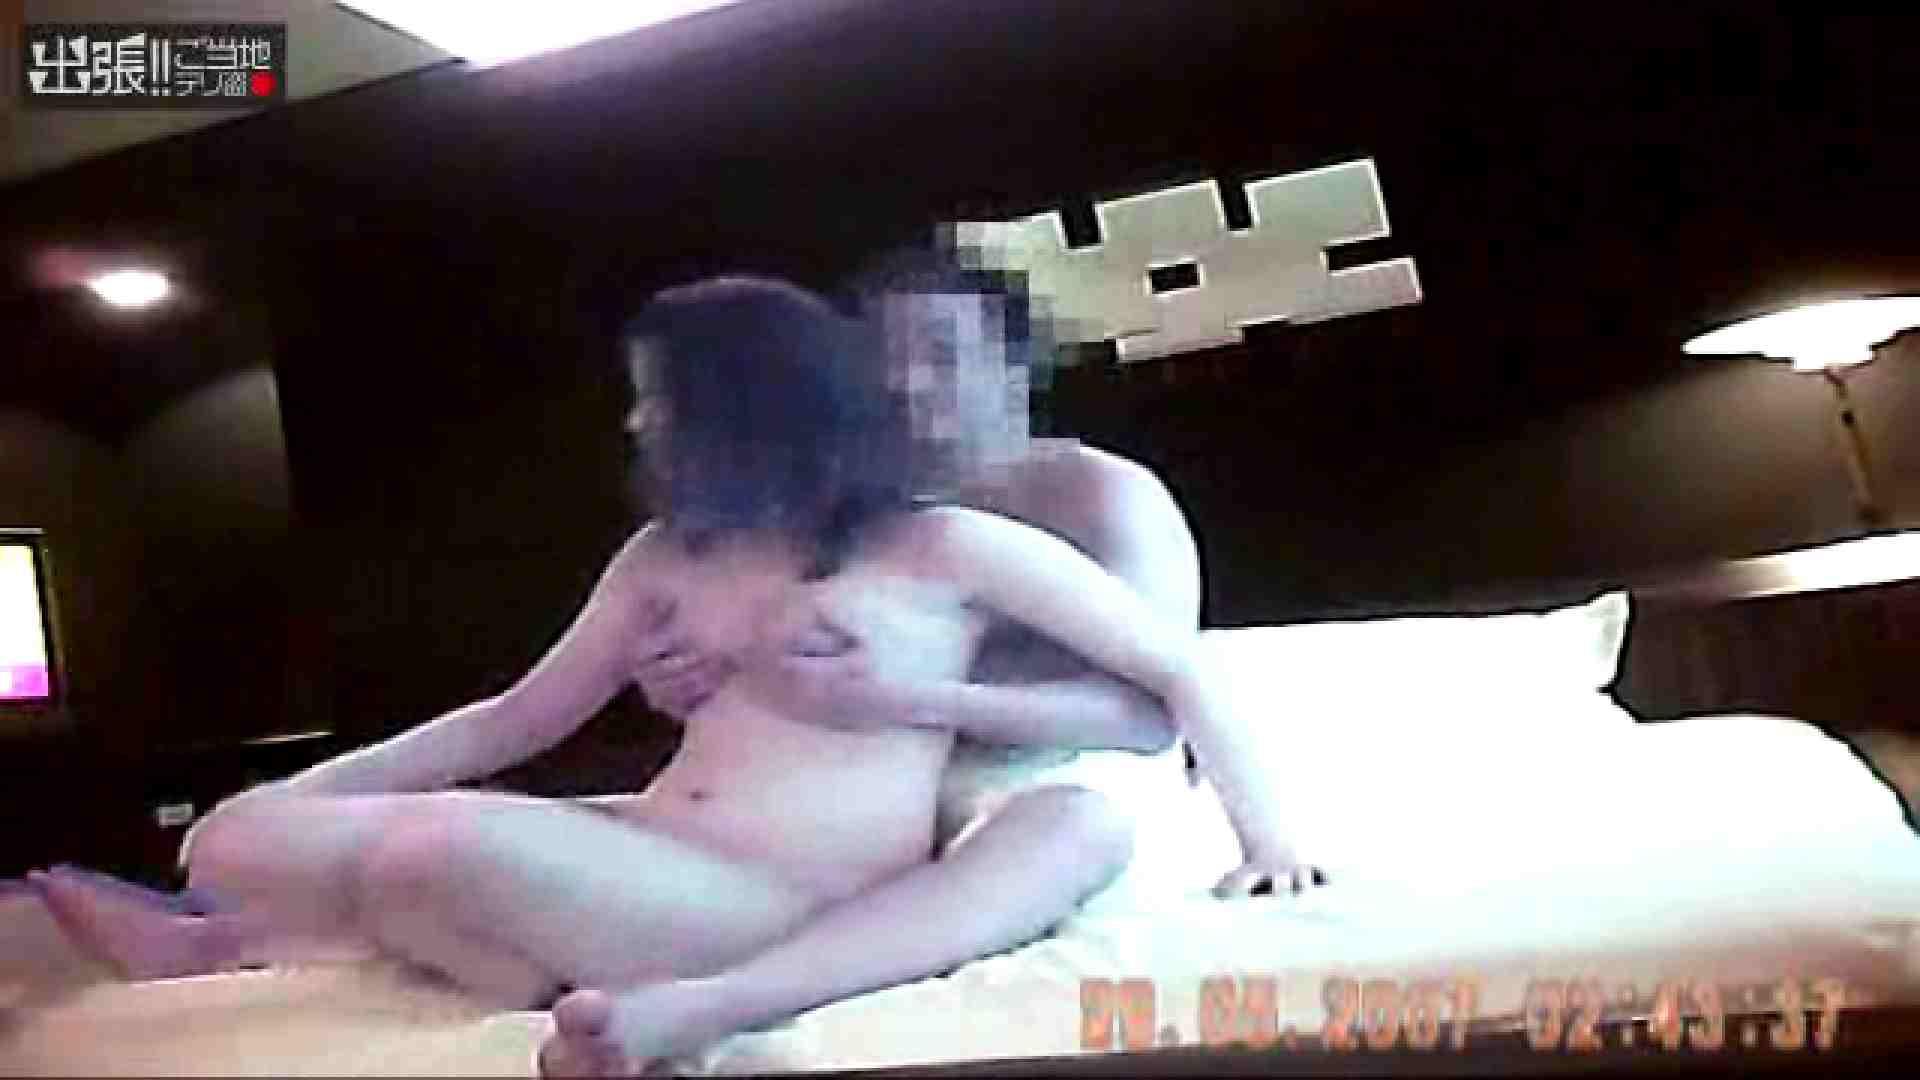 出張リーマンのデリ嬢隠し撮り第3弾vol.6 ギャル達のセックス | 隠撮  108画像 39